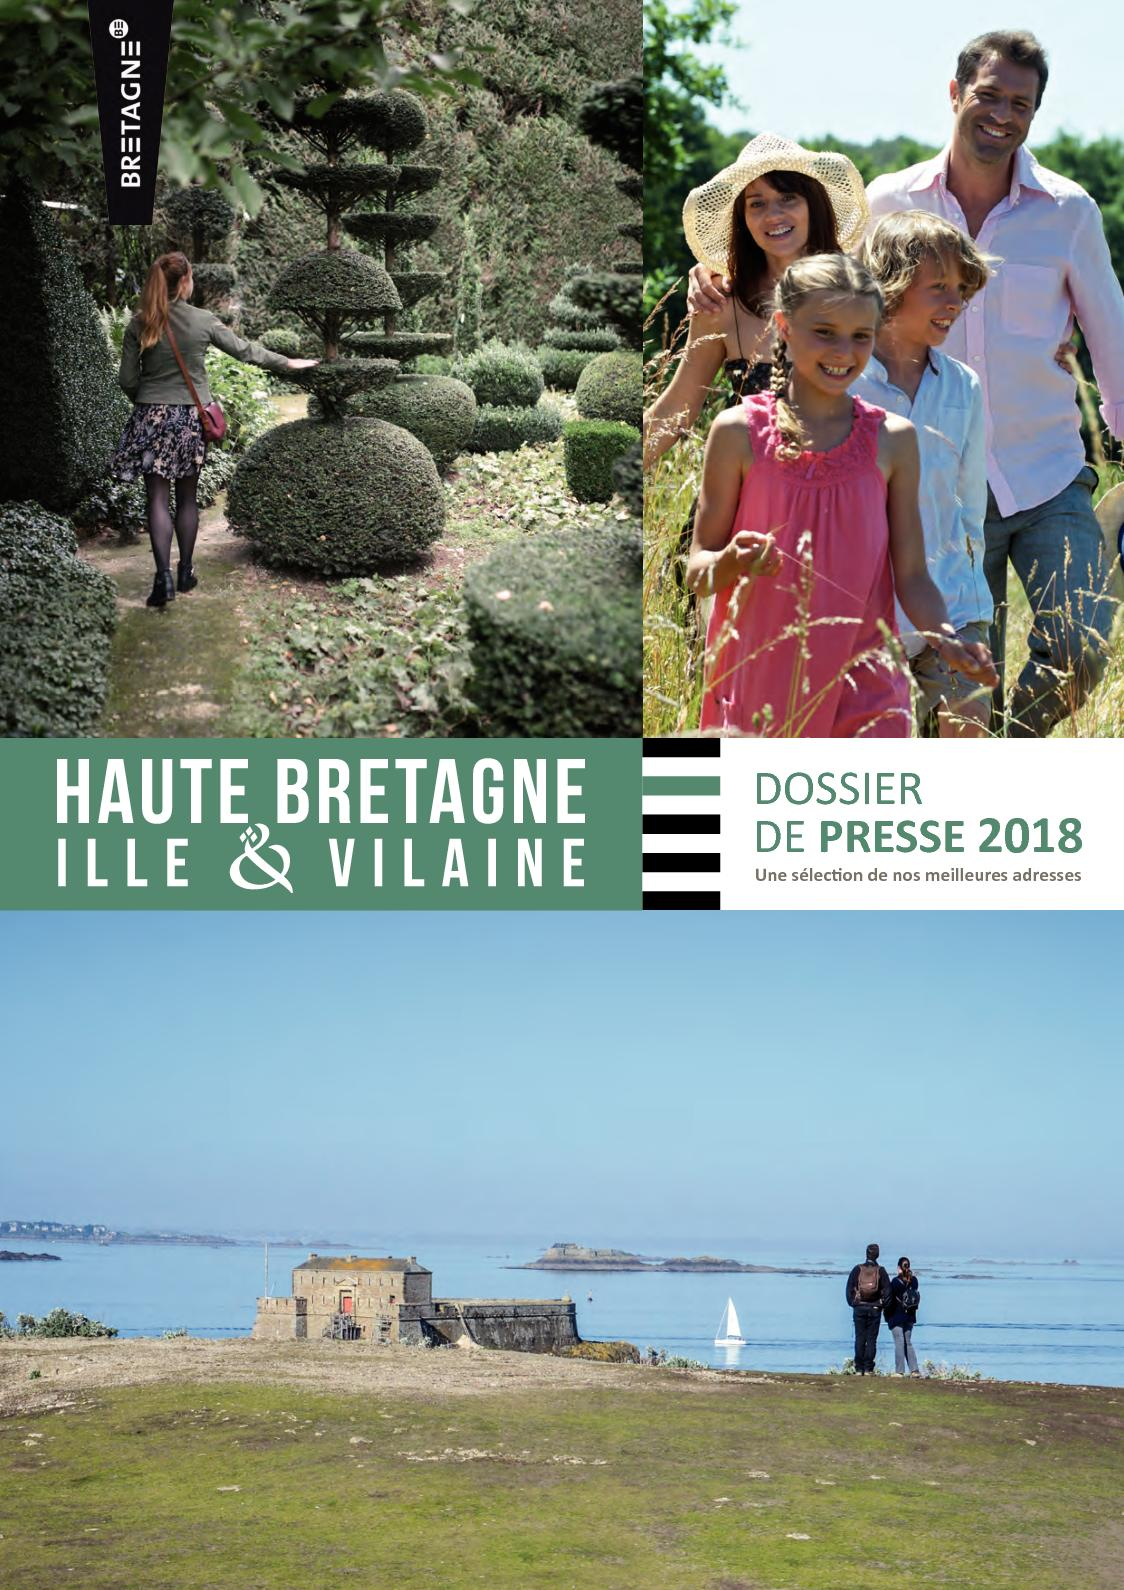 Le Jardin Des Plantes toulouse Élégant Calaméo Dossier De Presse 2018 Haute Bretagne Of 73 Best Of Le Jardin Des Plantes toulouse